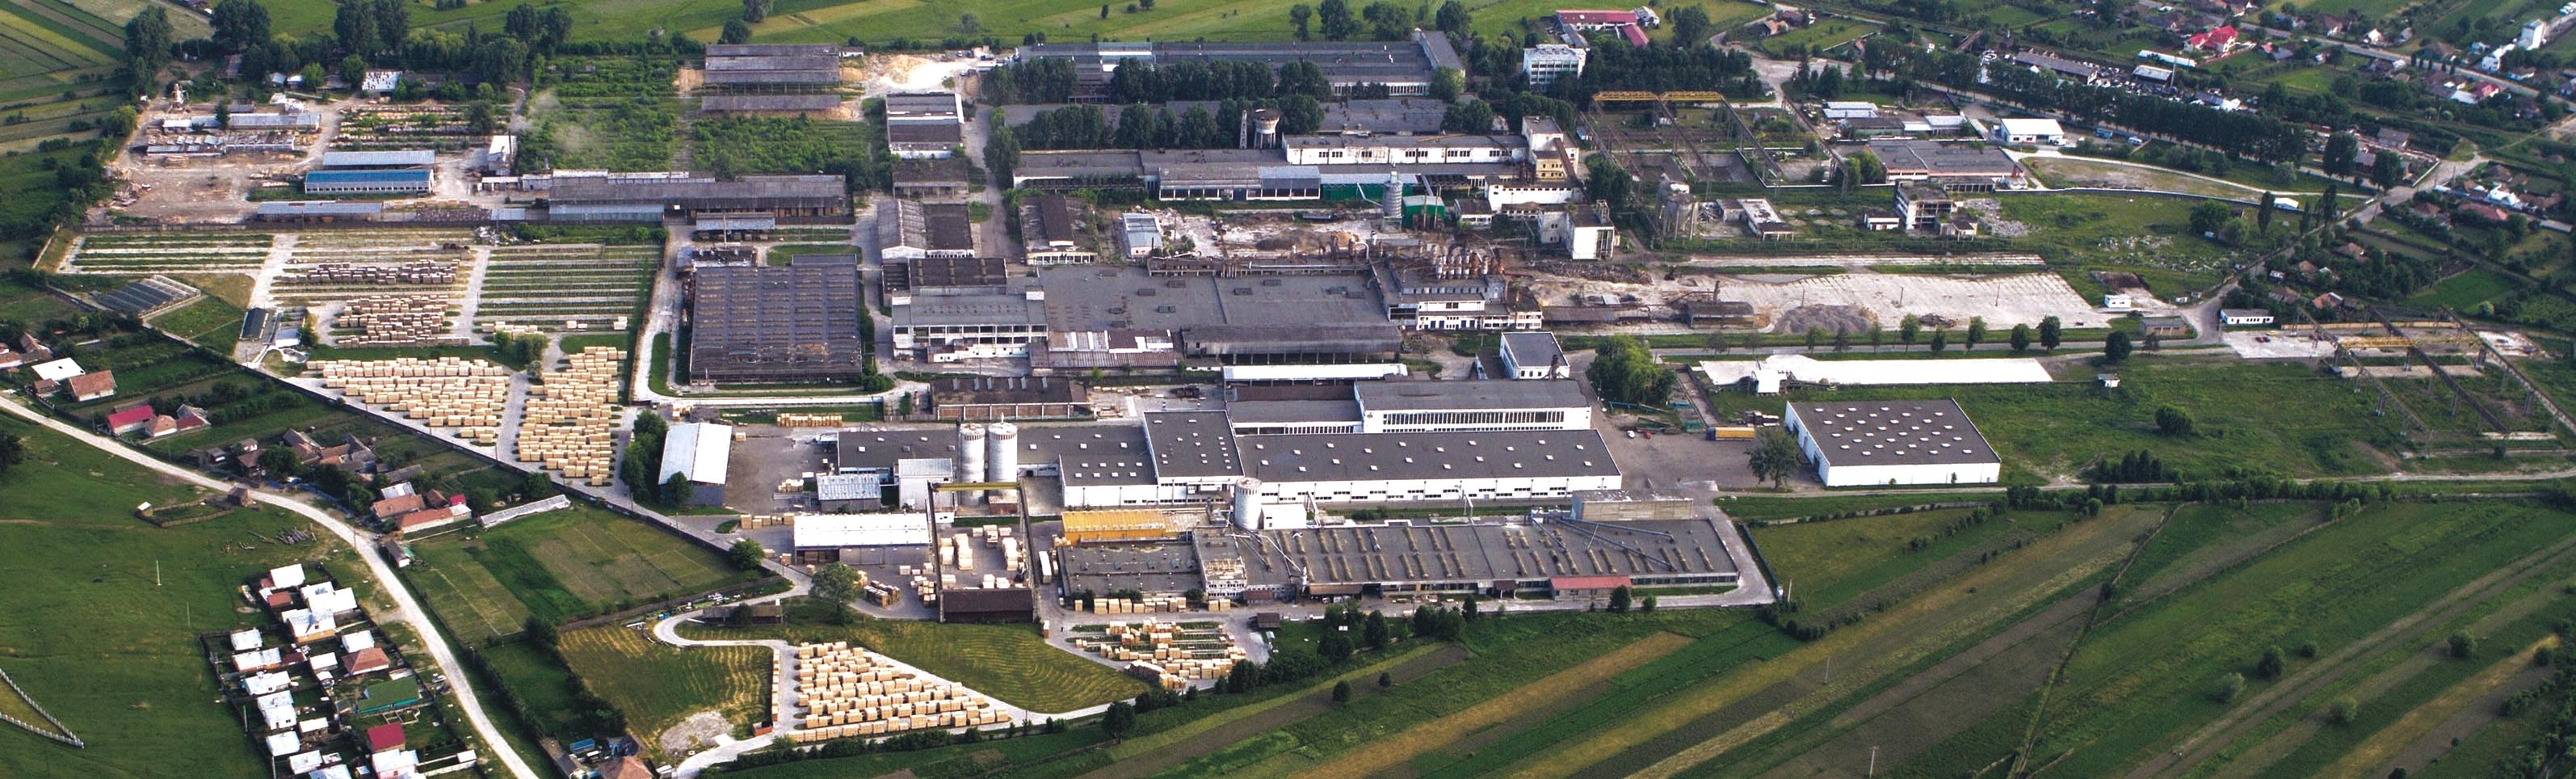 http://upload.wikimedia.org/wikipedia/commons/5/5c/Flugaufnahme_des_Werkes_der_Schweighofer_Holzindustrie_in_Com%C4%83ne%C8%99ti_(Rum%C3%A4nien).jpg